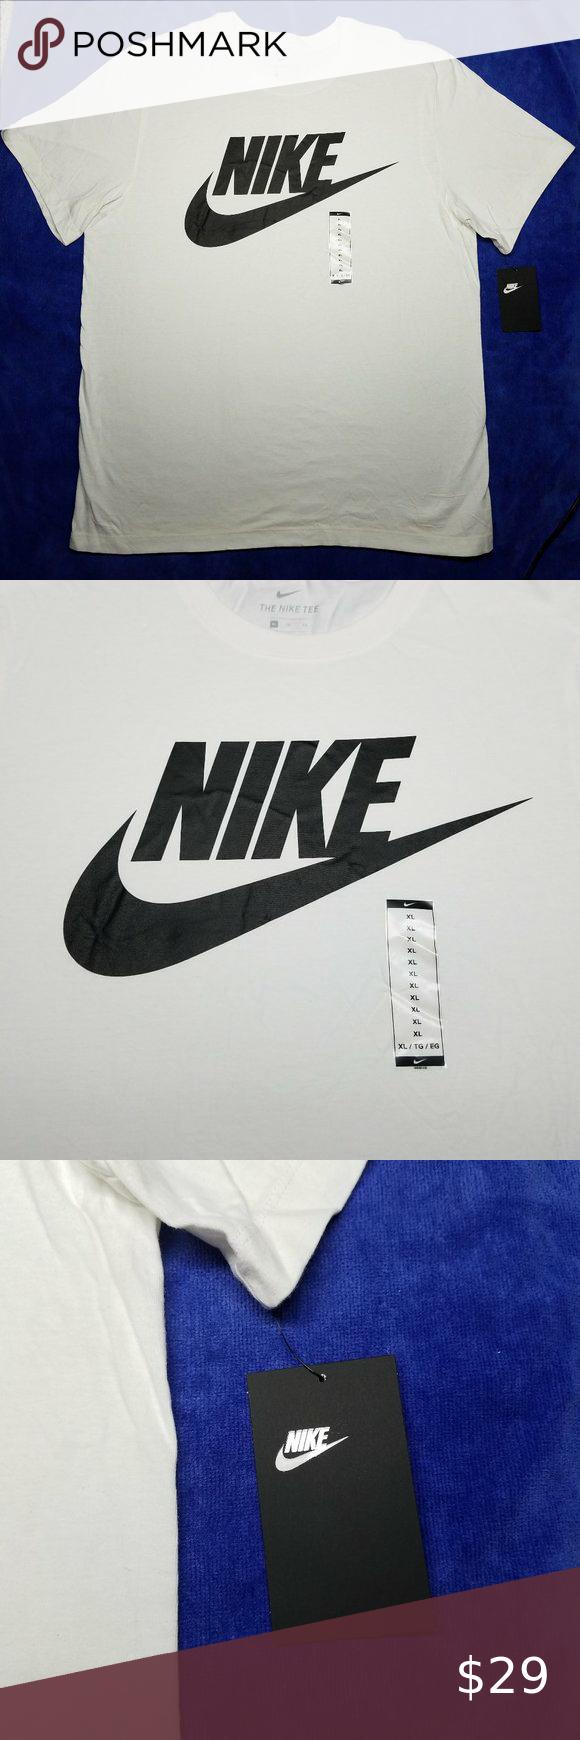 RARE Colorful Checkered Nike AIR Graphic TShirt Nike air